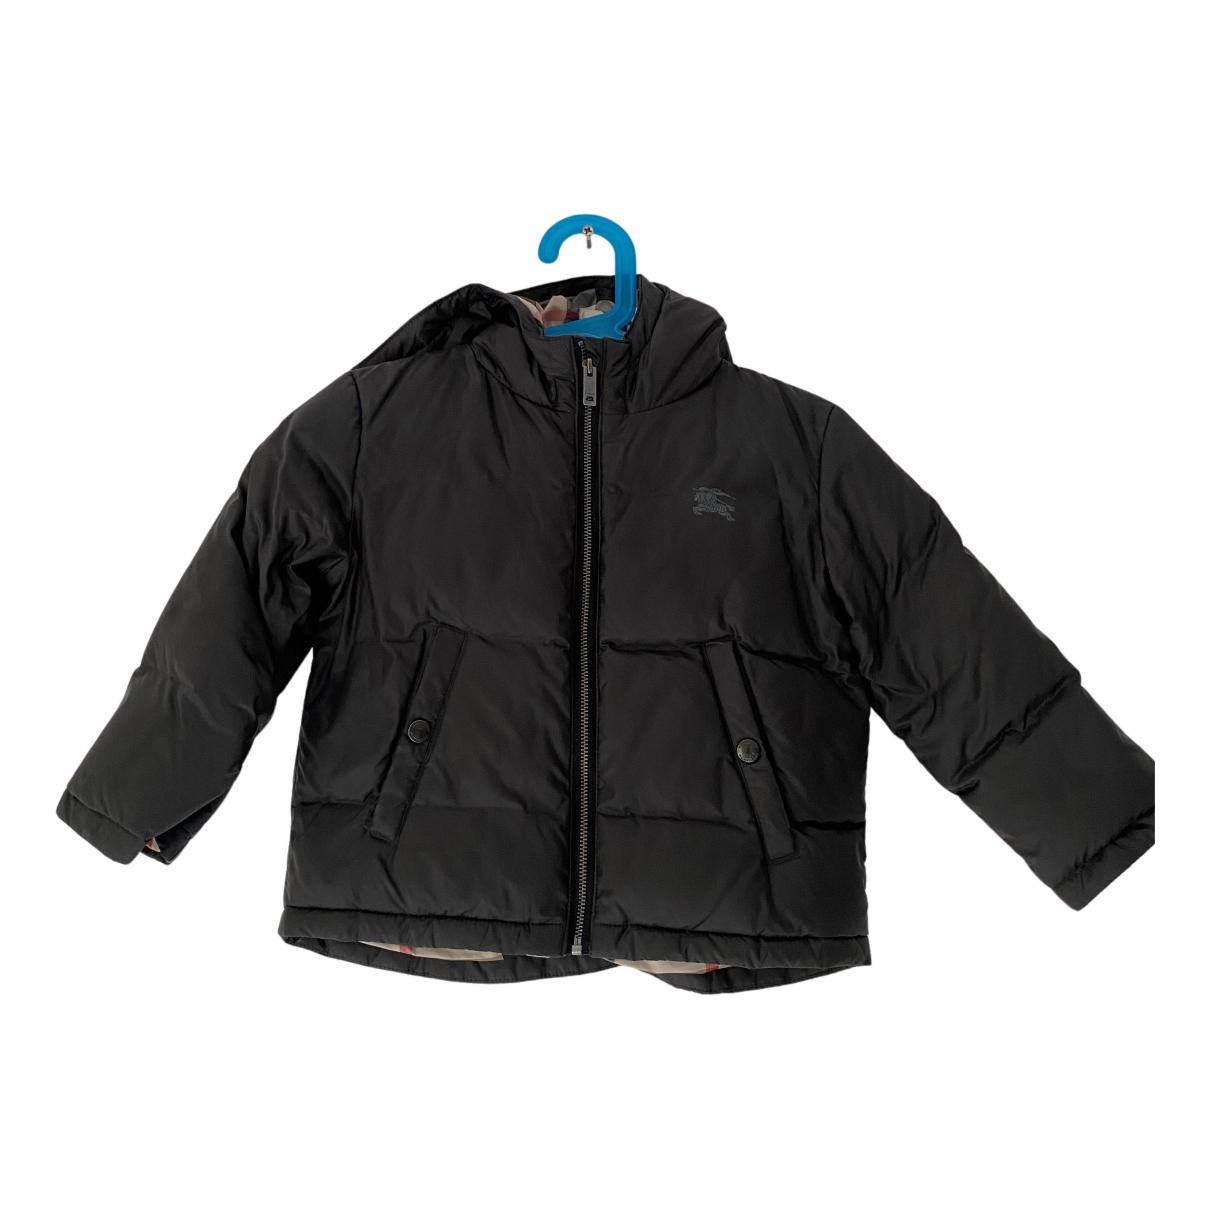 Burberry - Blousons.Manteaux   pour enfant - gris